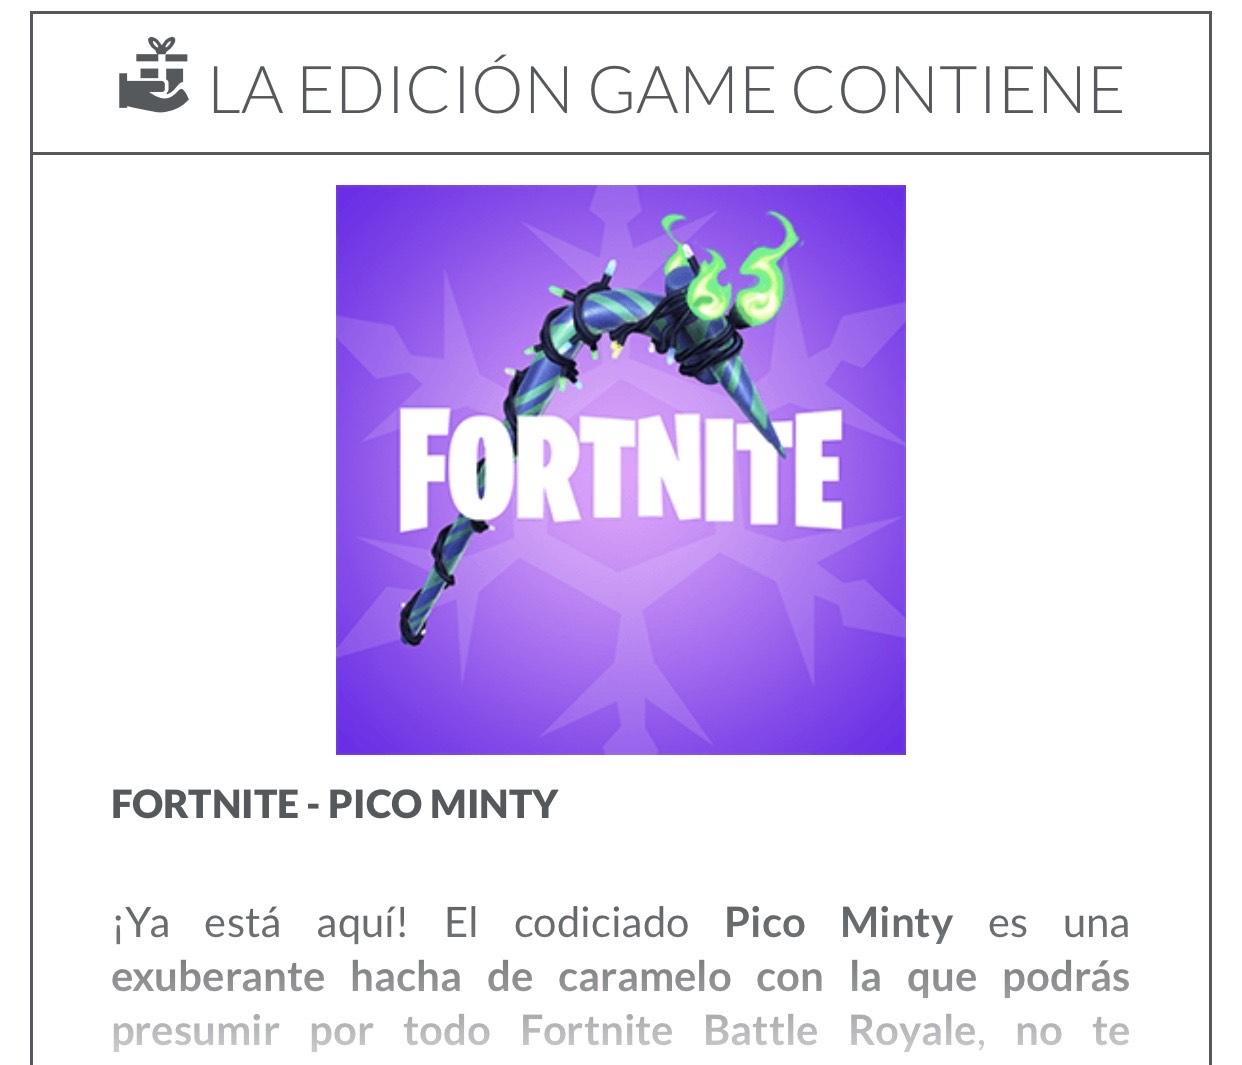 Pico Minty